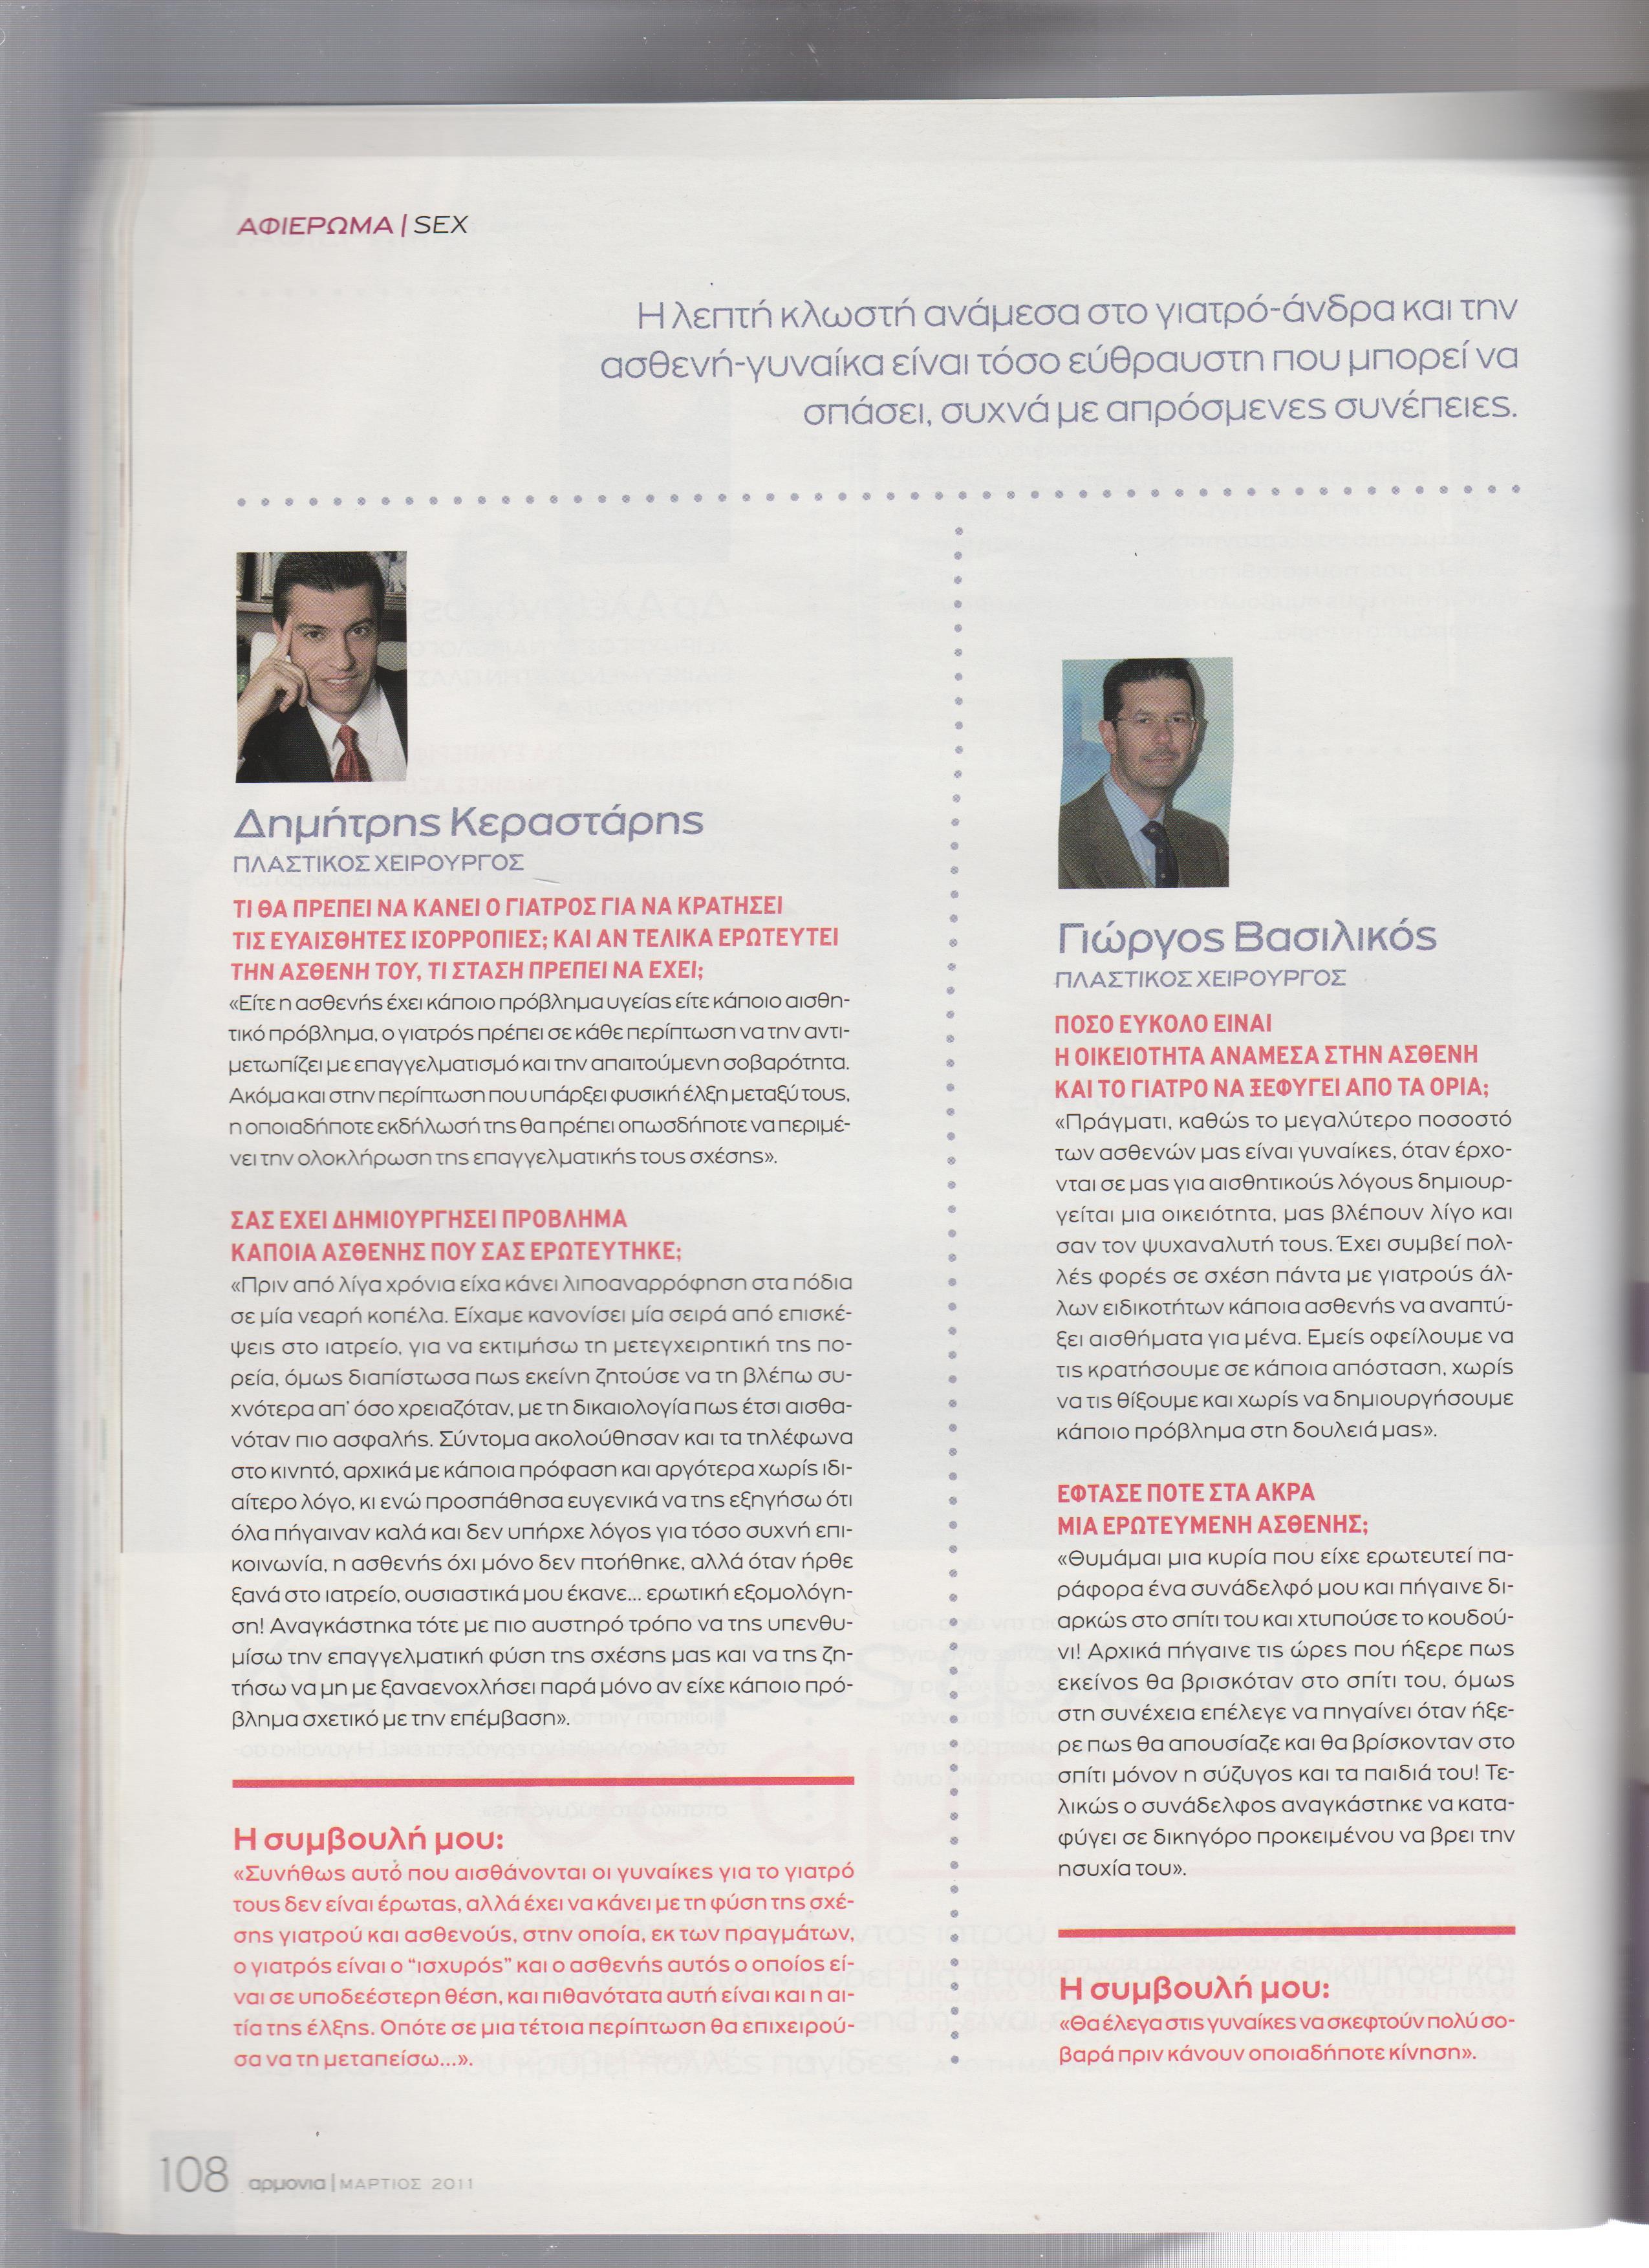 περιοδικό ΑΡΜΟΝΙΑ 3-2011